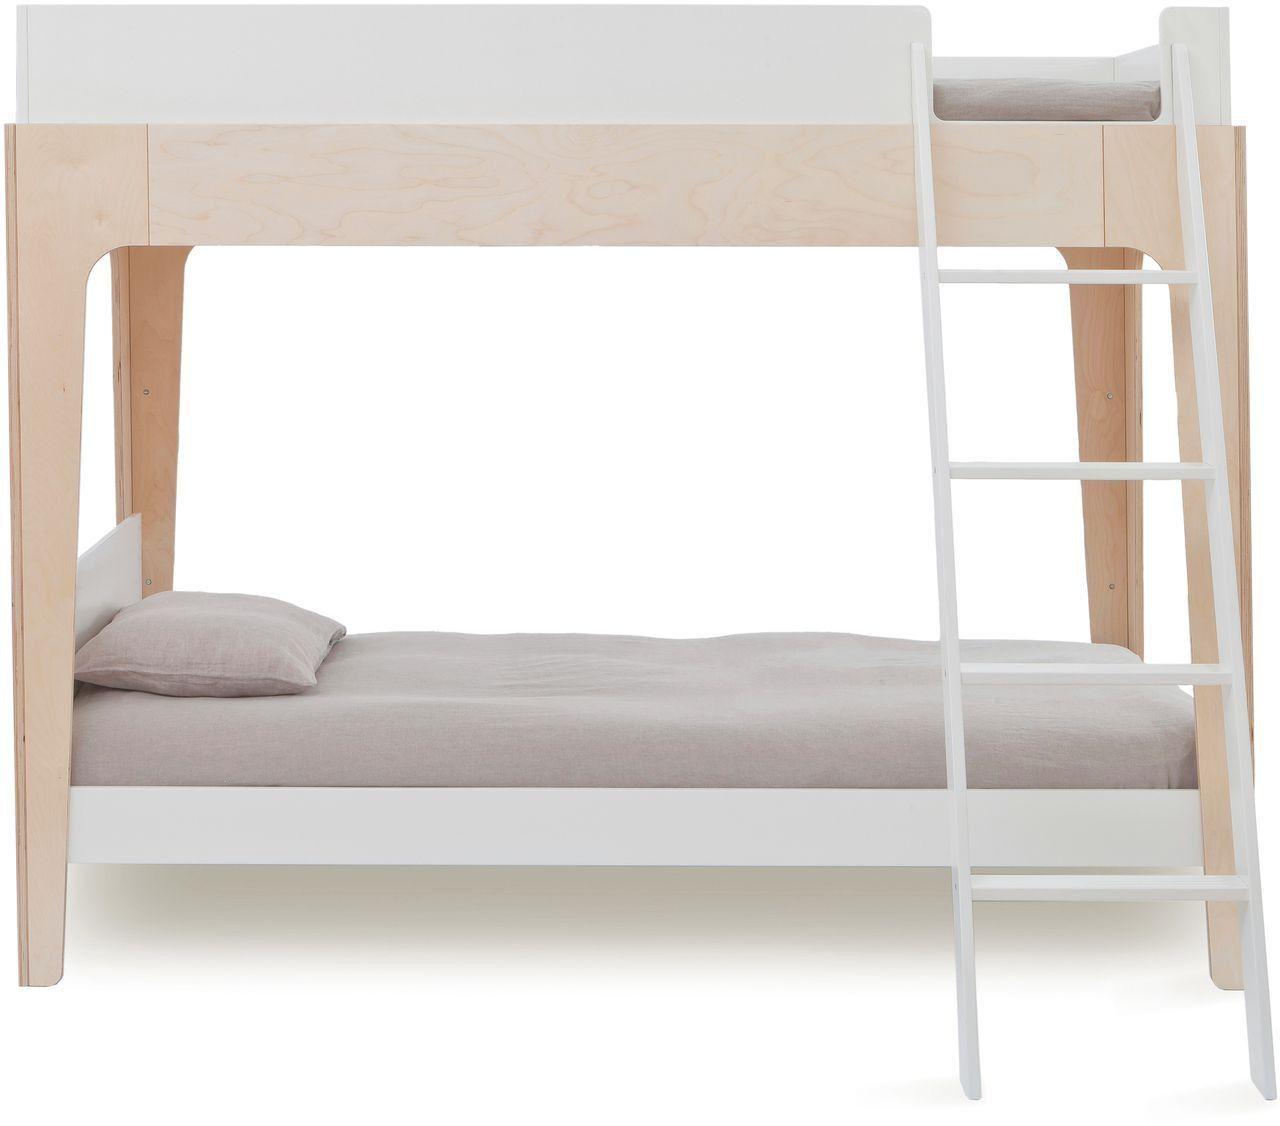 Oeuf Hochbett Etagenbett Perch 90x200cm Weiss Birke Moderne